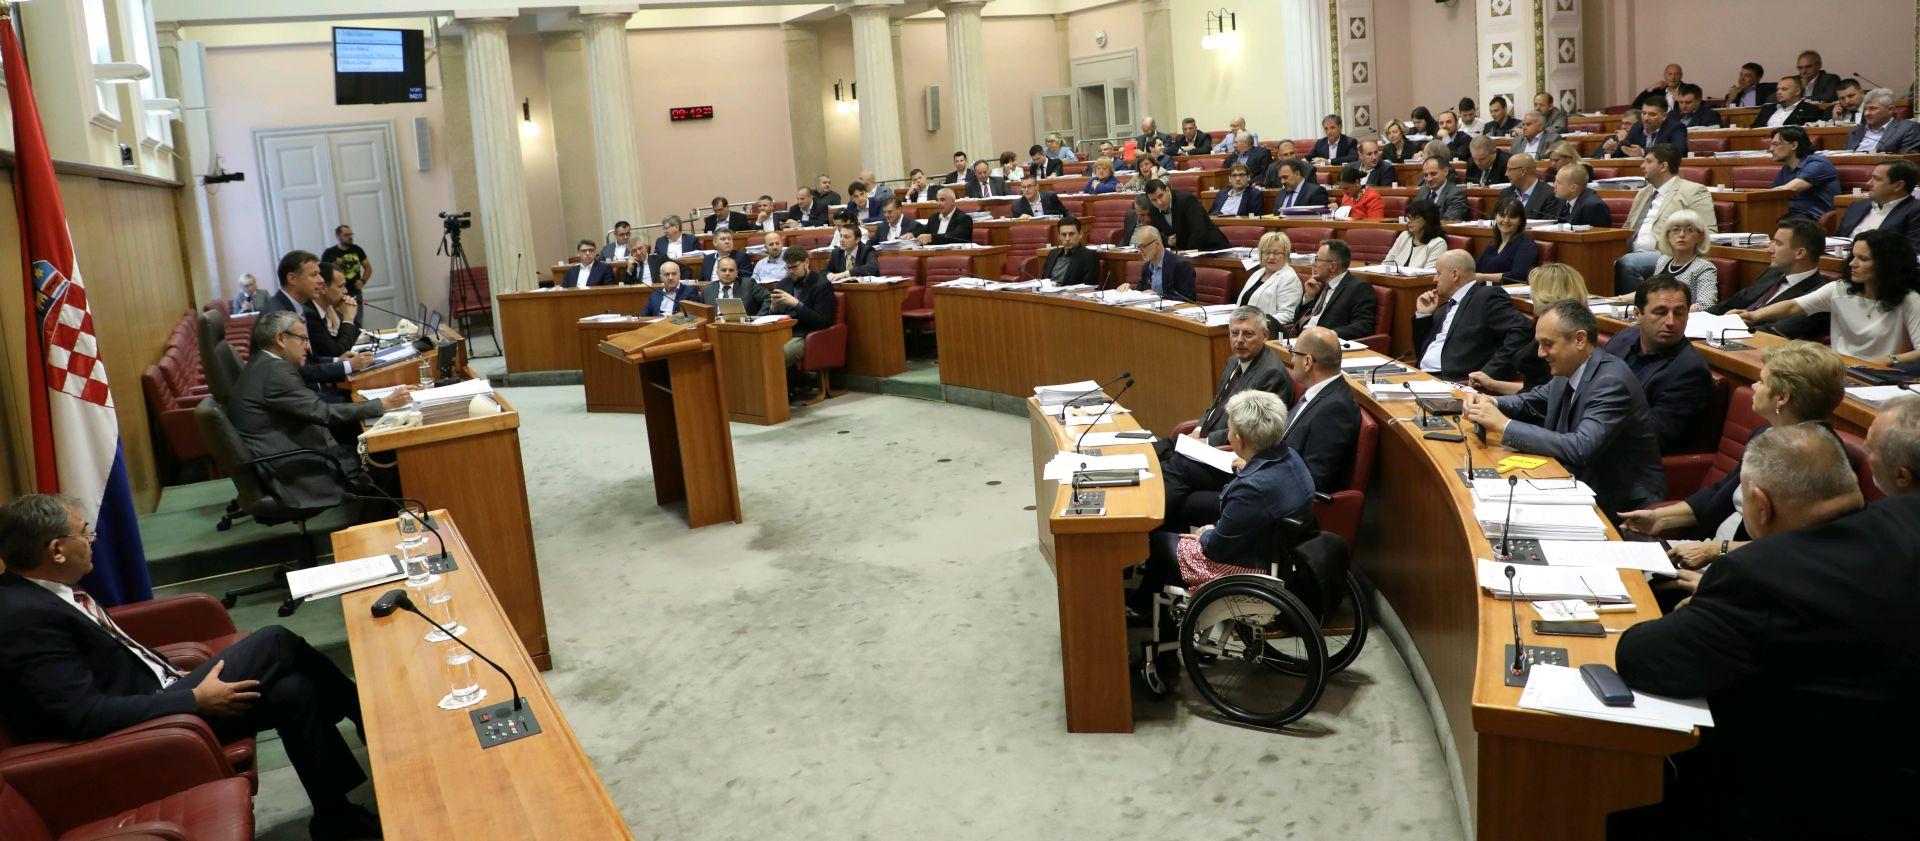 Sabor u srijedu opet o Agrokoru, oporba traži izmjenu odluke o osnivanju istražnog povjerenstva